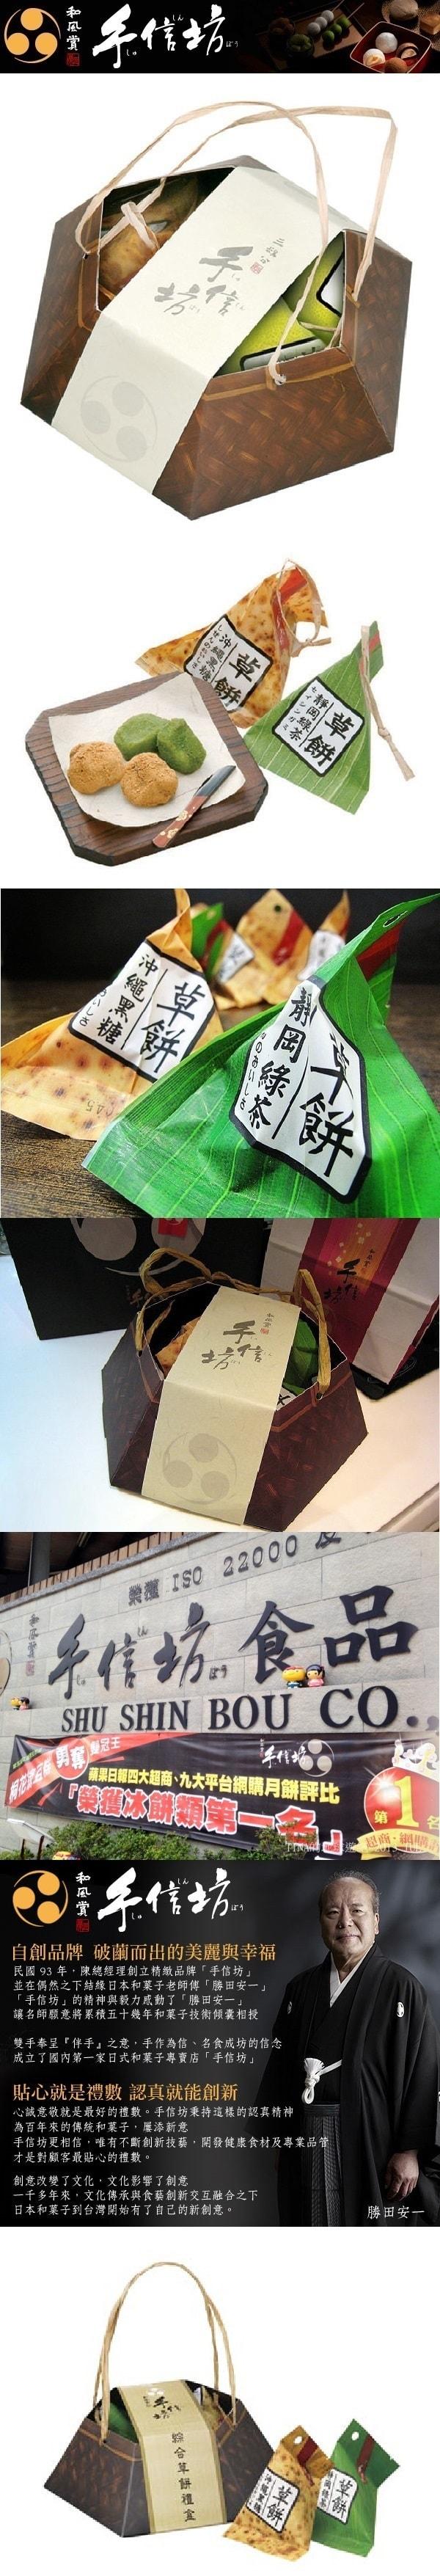 [台湾直邮] 台湾手信坊 综合草饼礼盒 200g / 6枚入